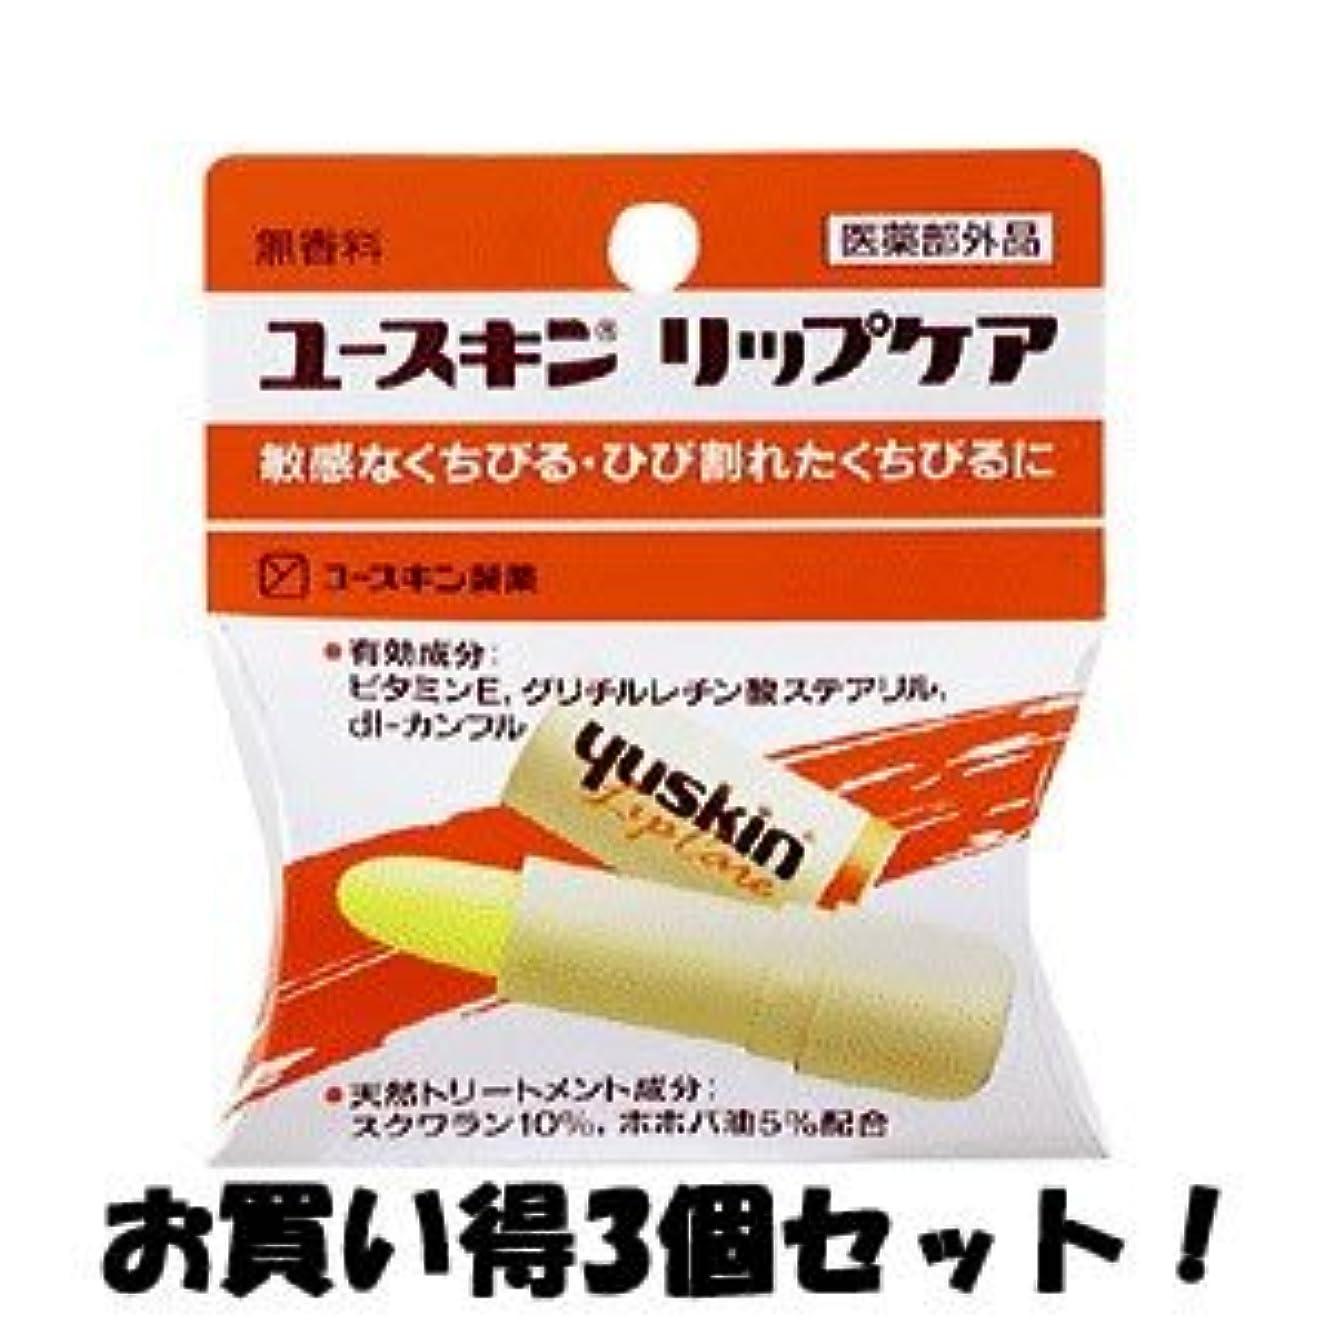 パンツ考案するアラブサラボ(ユースキン製薬)ユースキン リップケア 3.5g(医薬部外品)(お買い得3個セット)